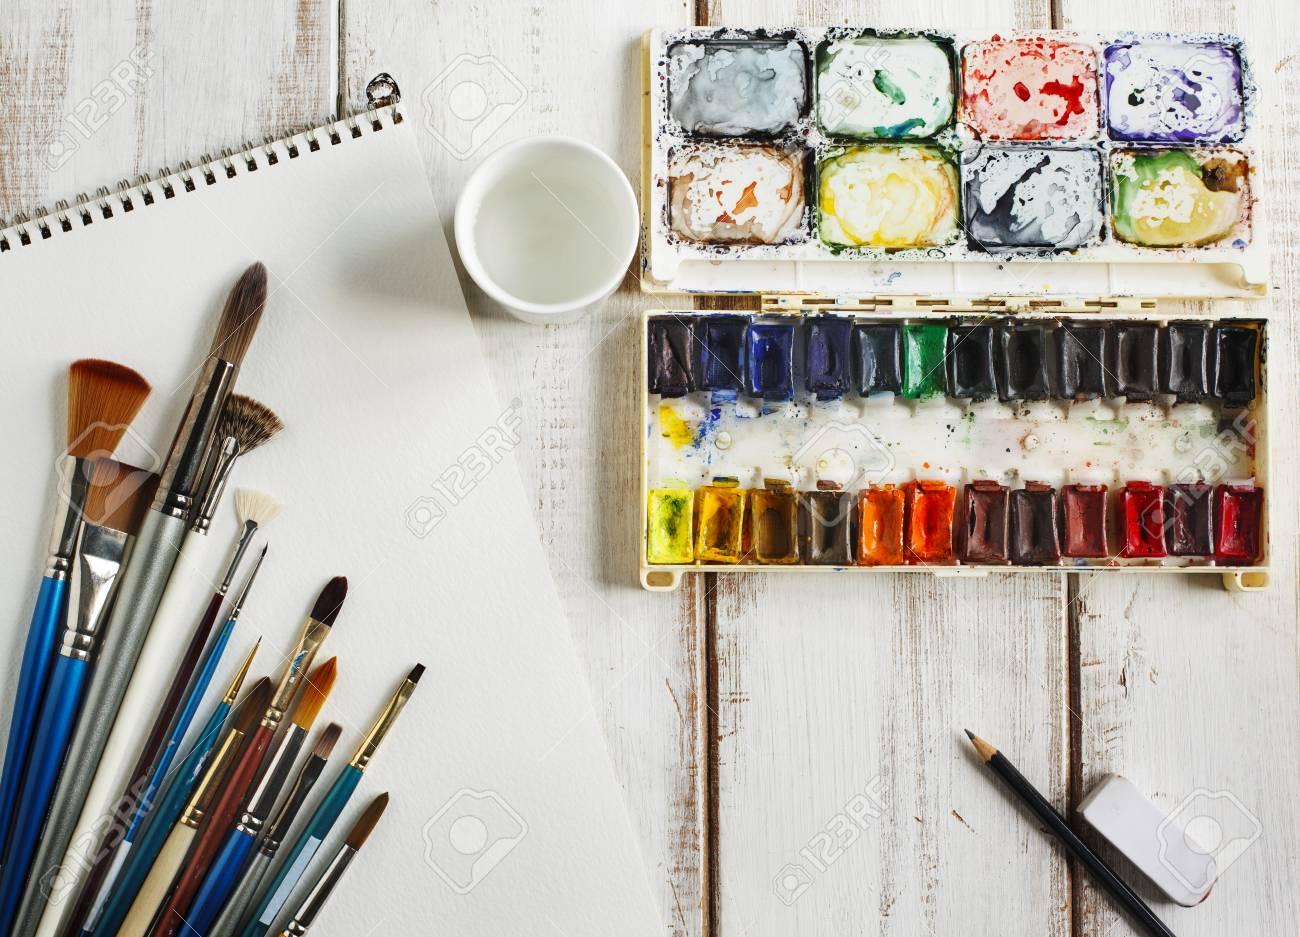 Boite A Peinture Aquarelle Papier Aquarelle Et Pinceau D Occasion Banque D Images Et Photos Libres De Droits Image 51494316